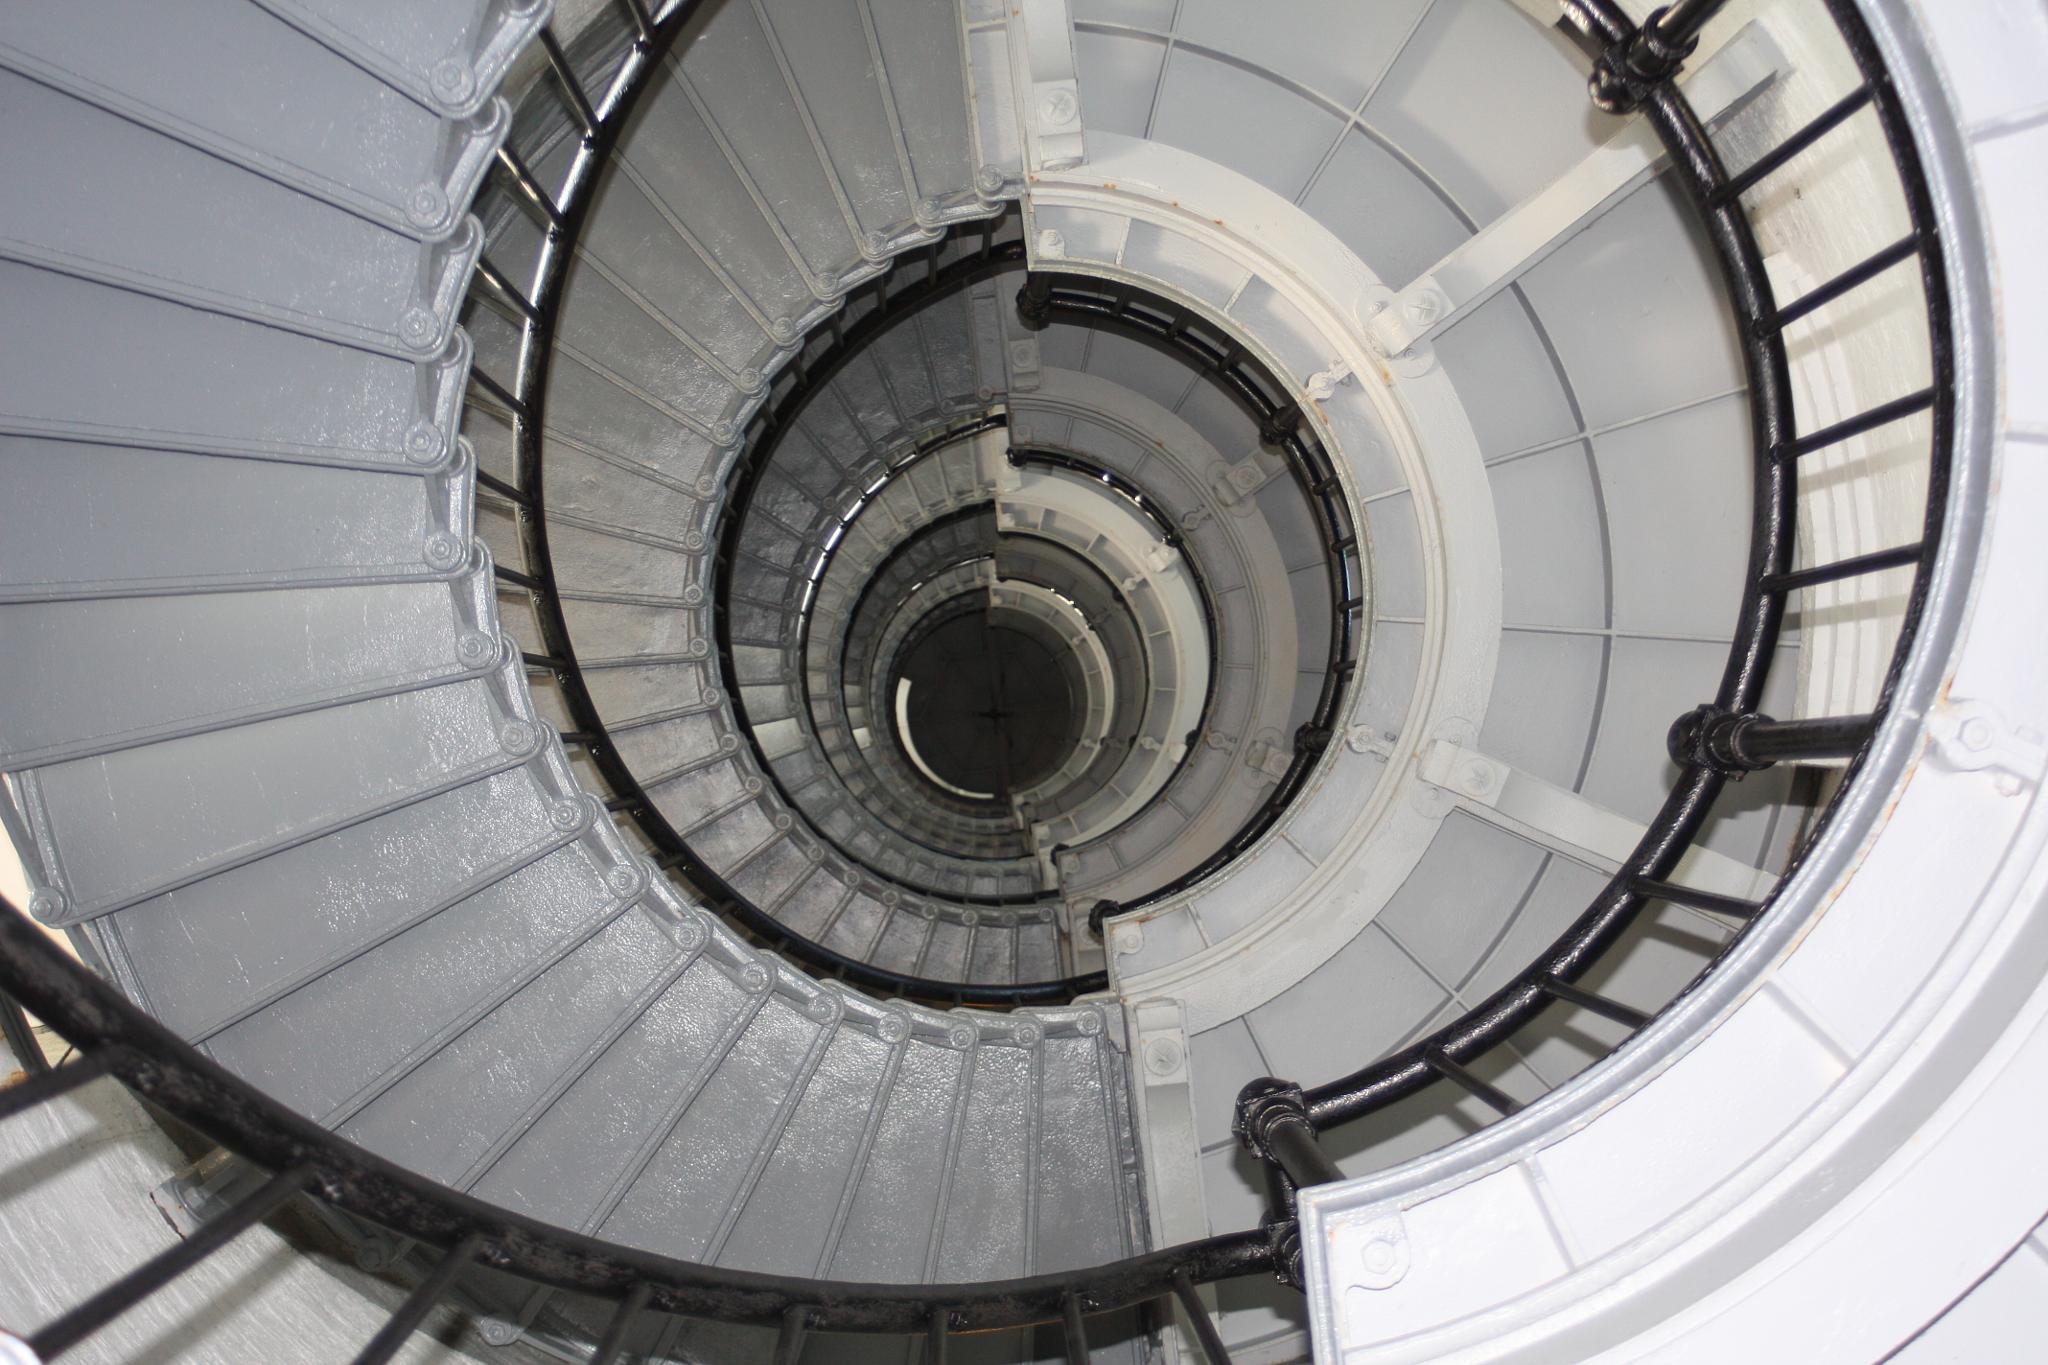 Upward Spiral by David Hill Collins